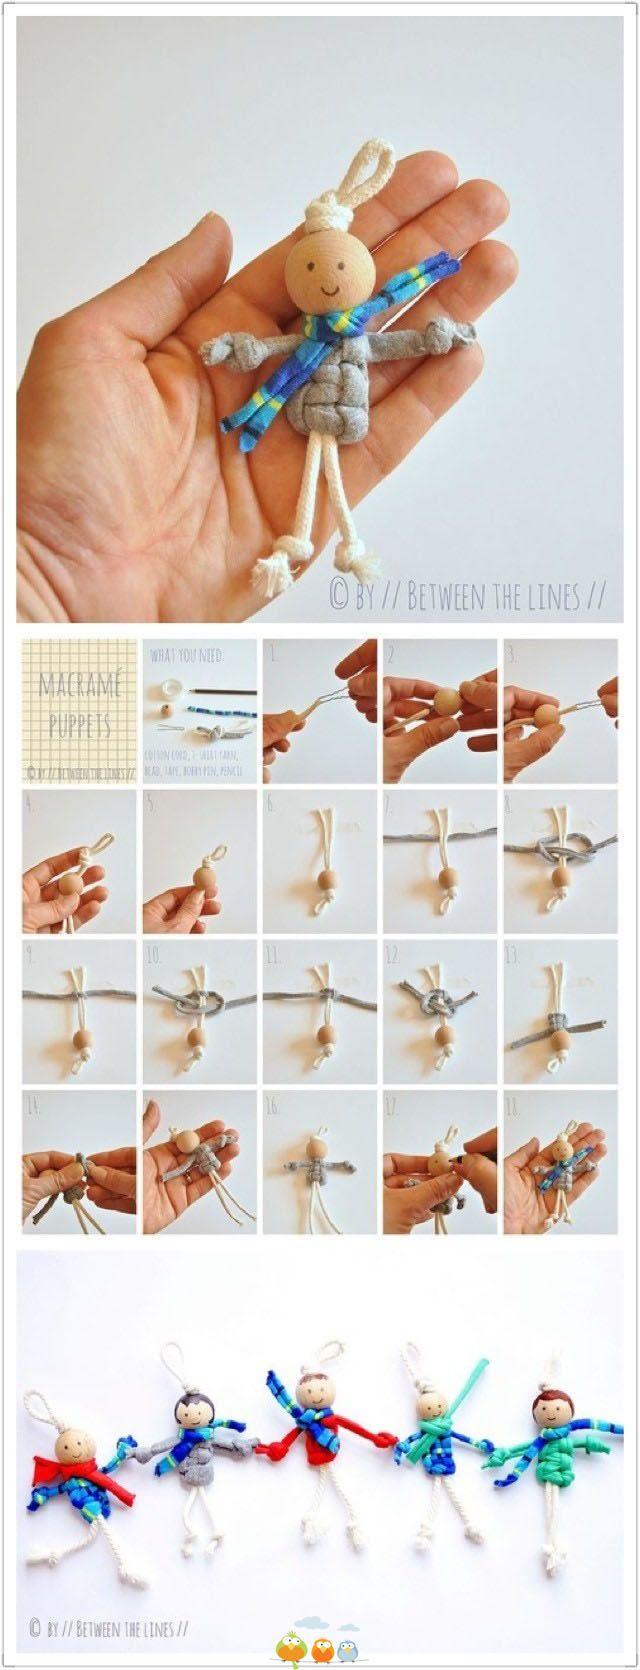 Poupée en macramé - Très sympathique à faire avec du fil paracorde www.toutacreer.fr/818-paracorde